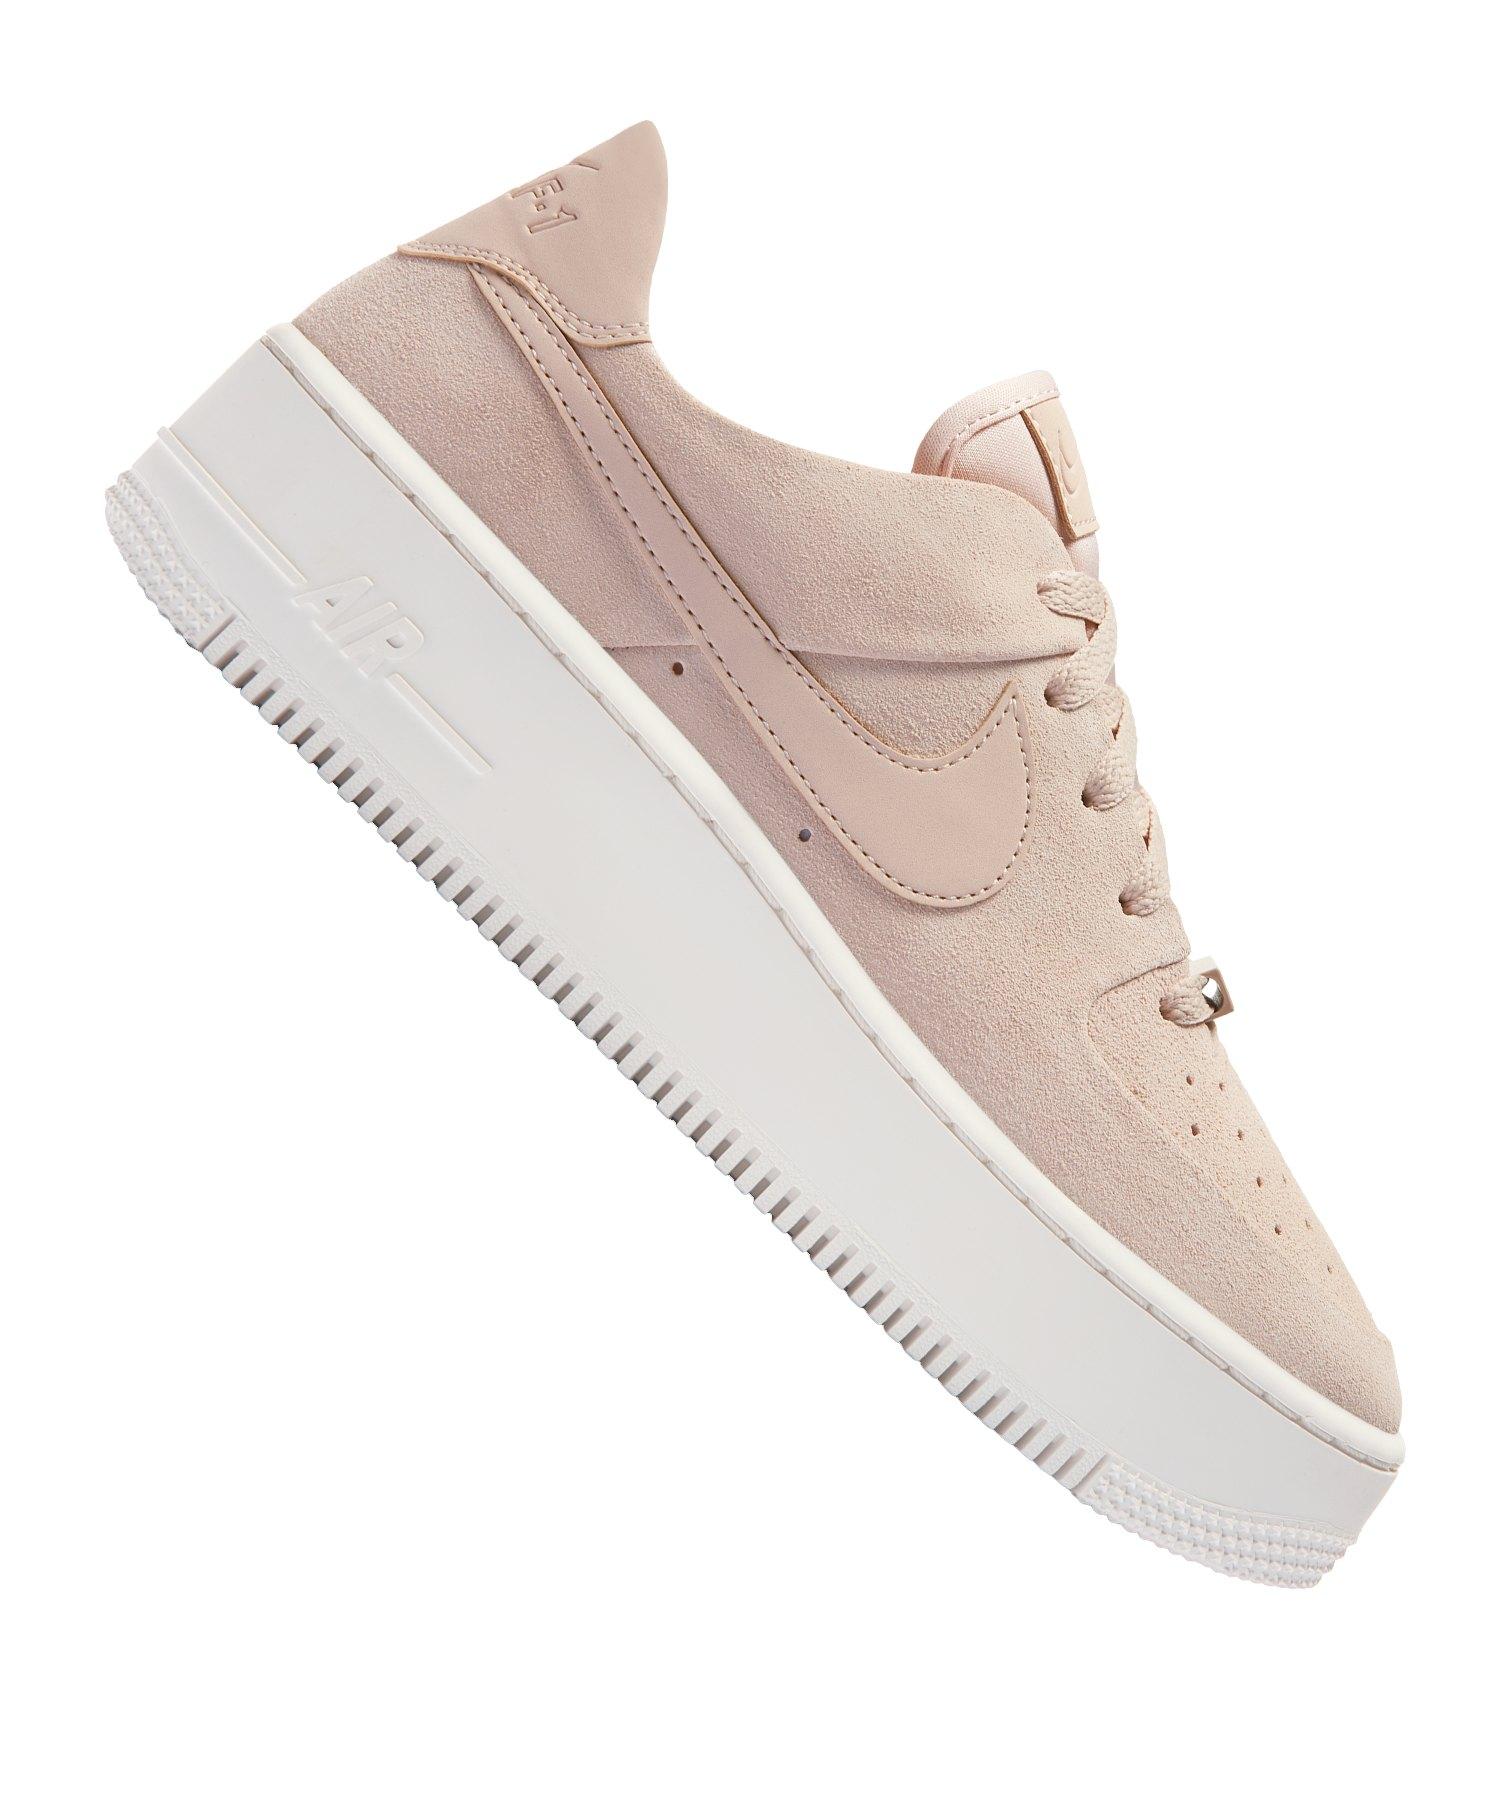 nike air force low damen rosa